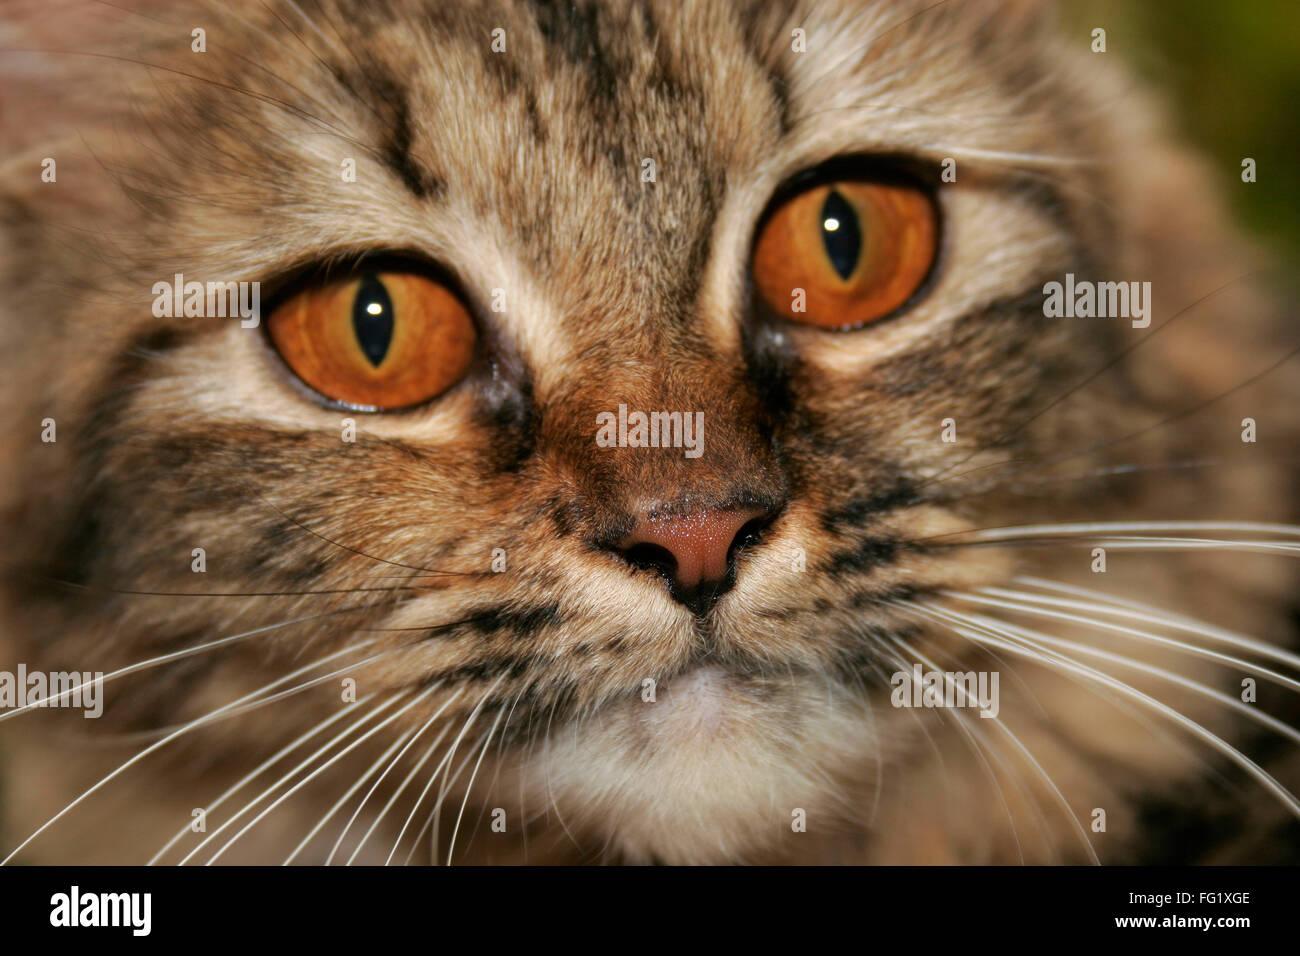 Gato persa con fieros ojos marrones y beige y negro fur Imagen De Stock